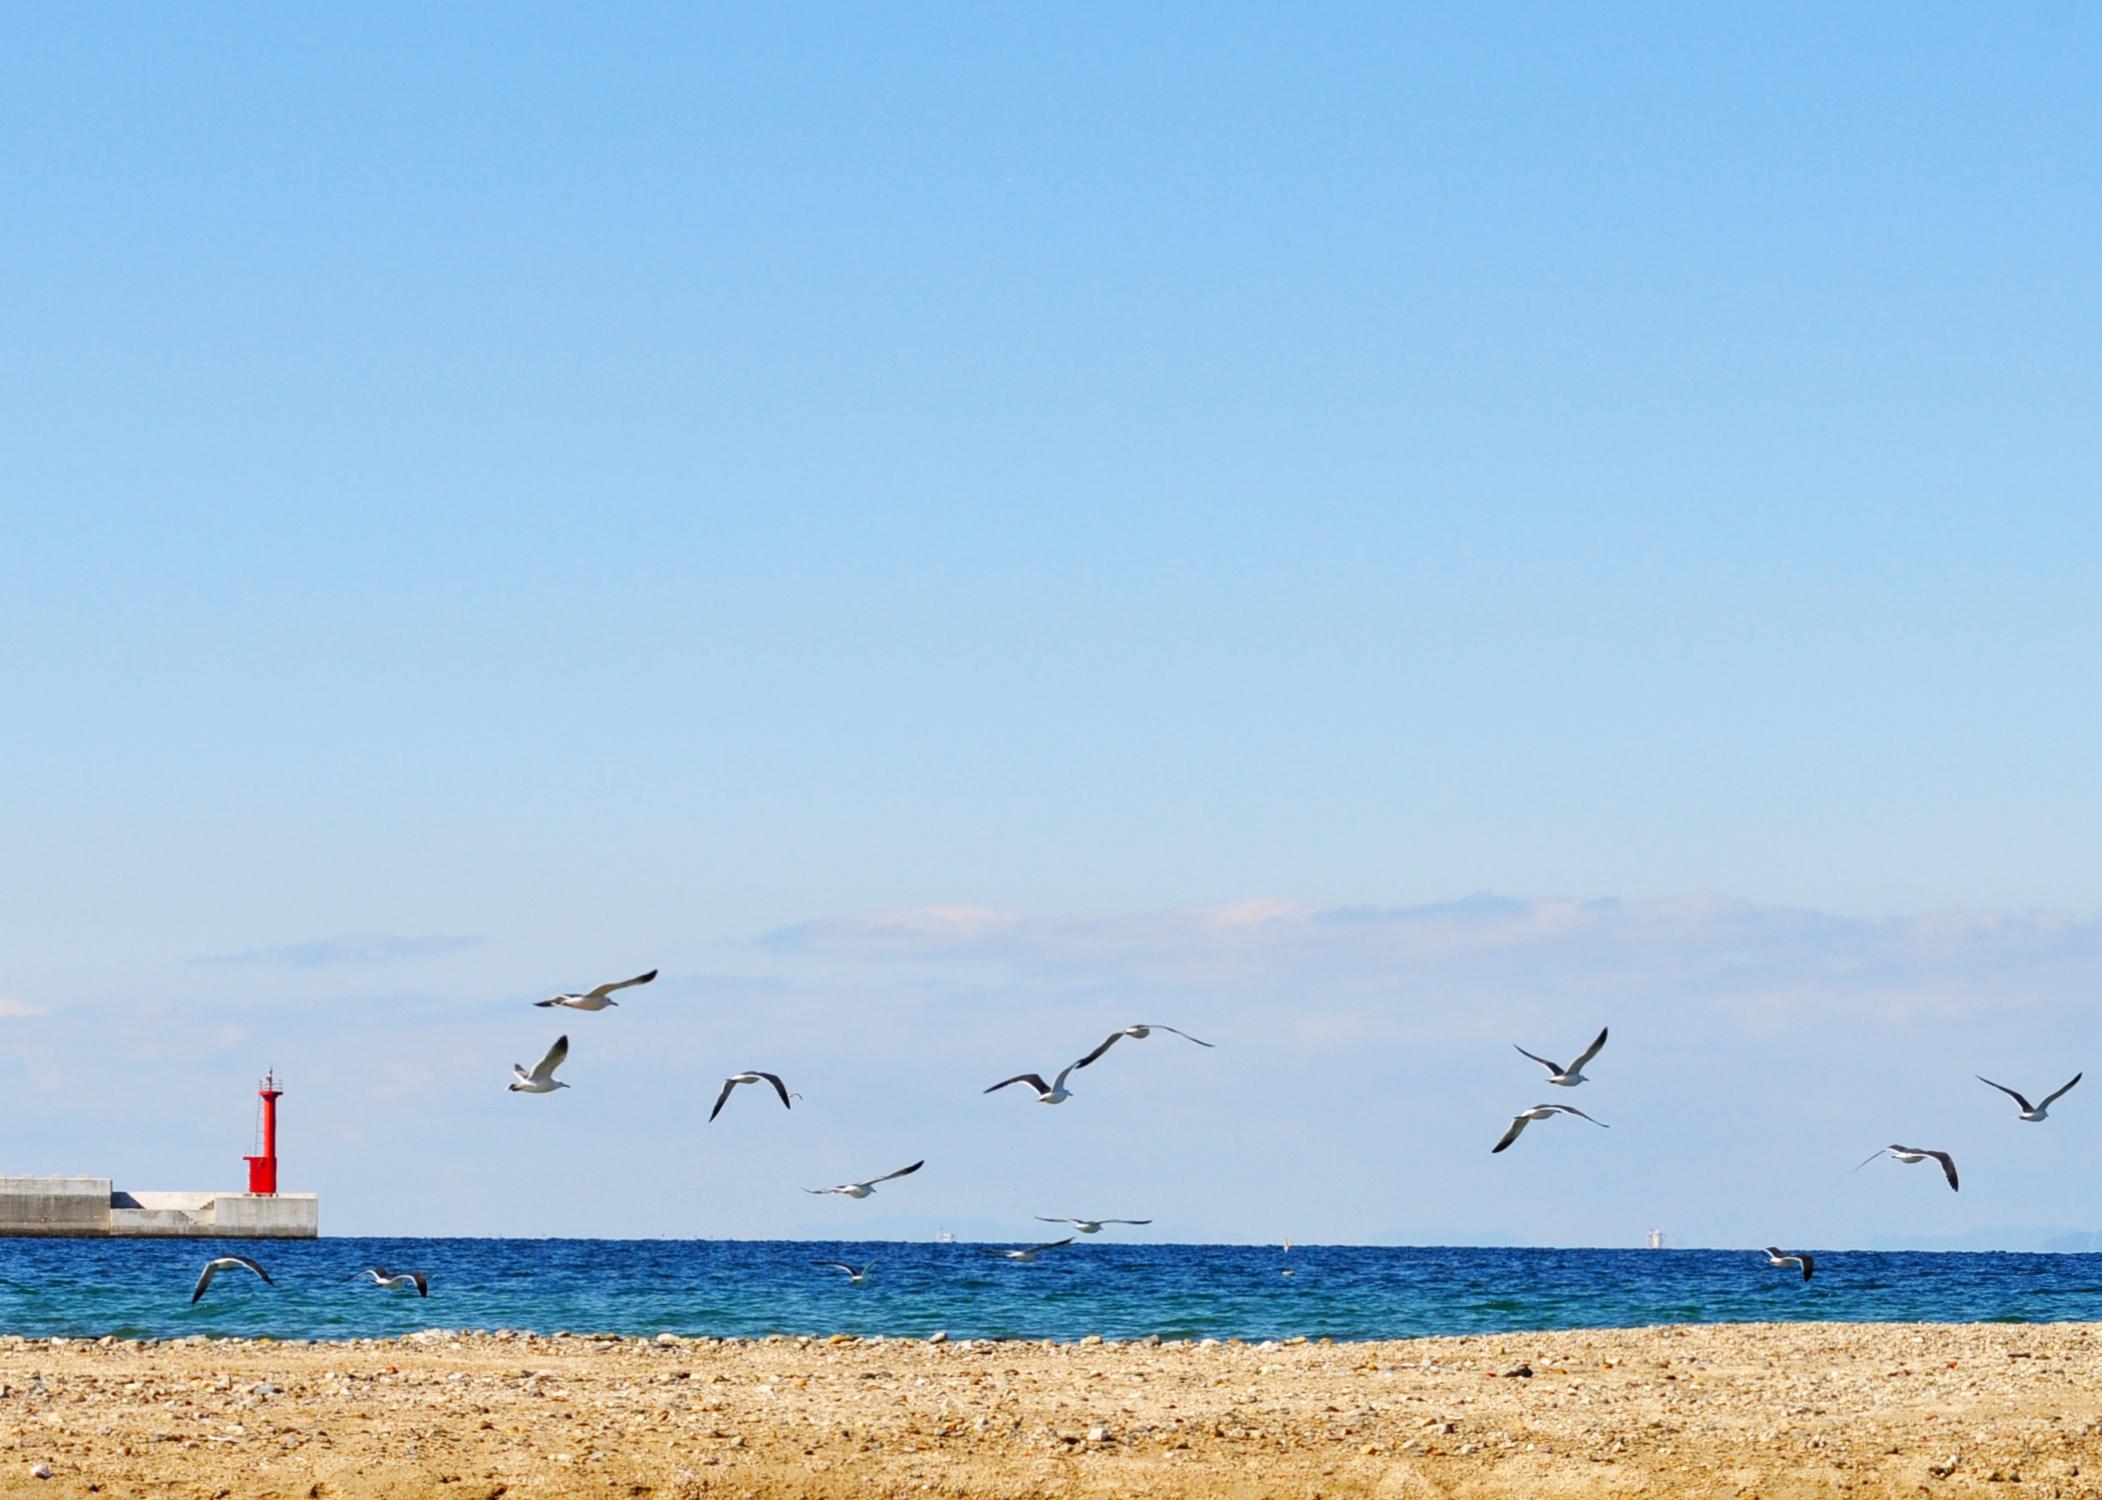 「淡路島の景色」春が近づいてる予感。